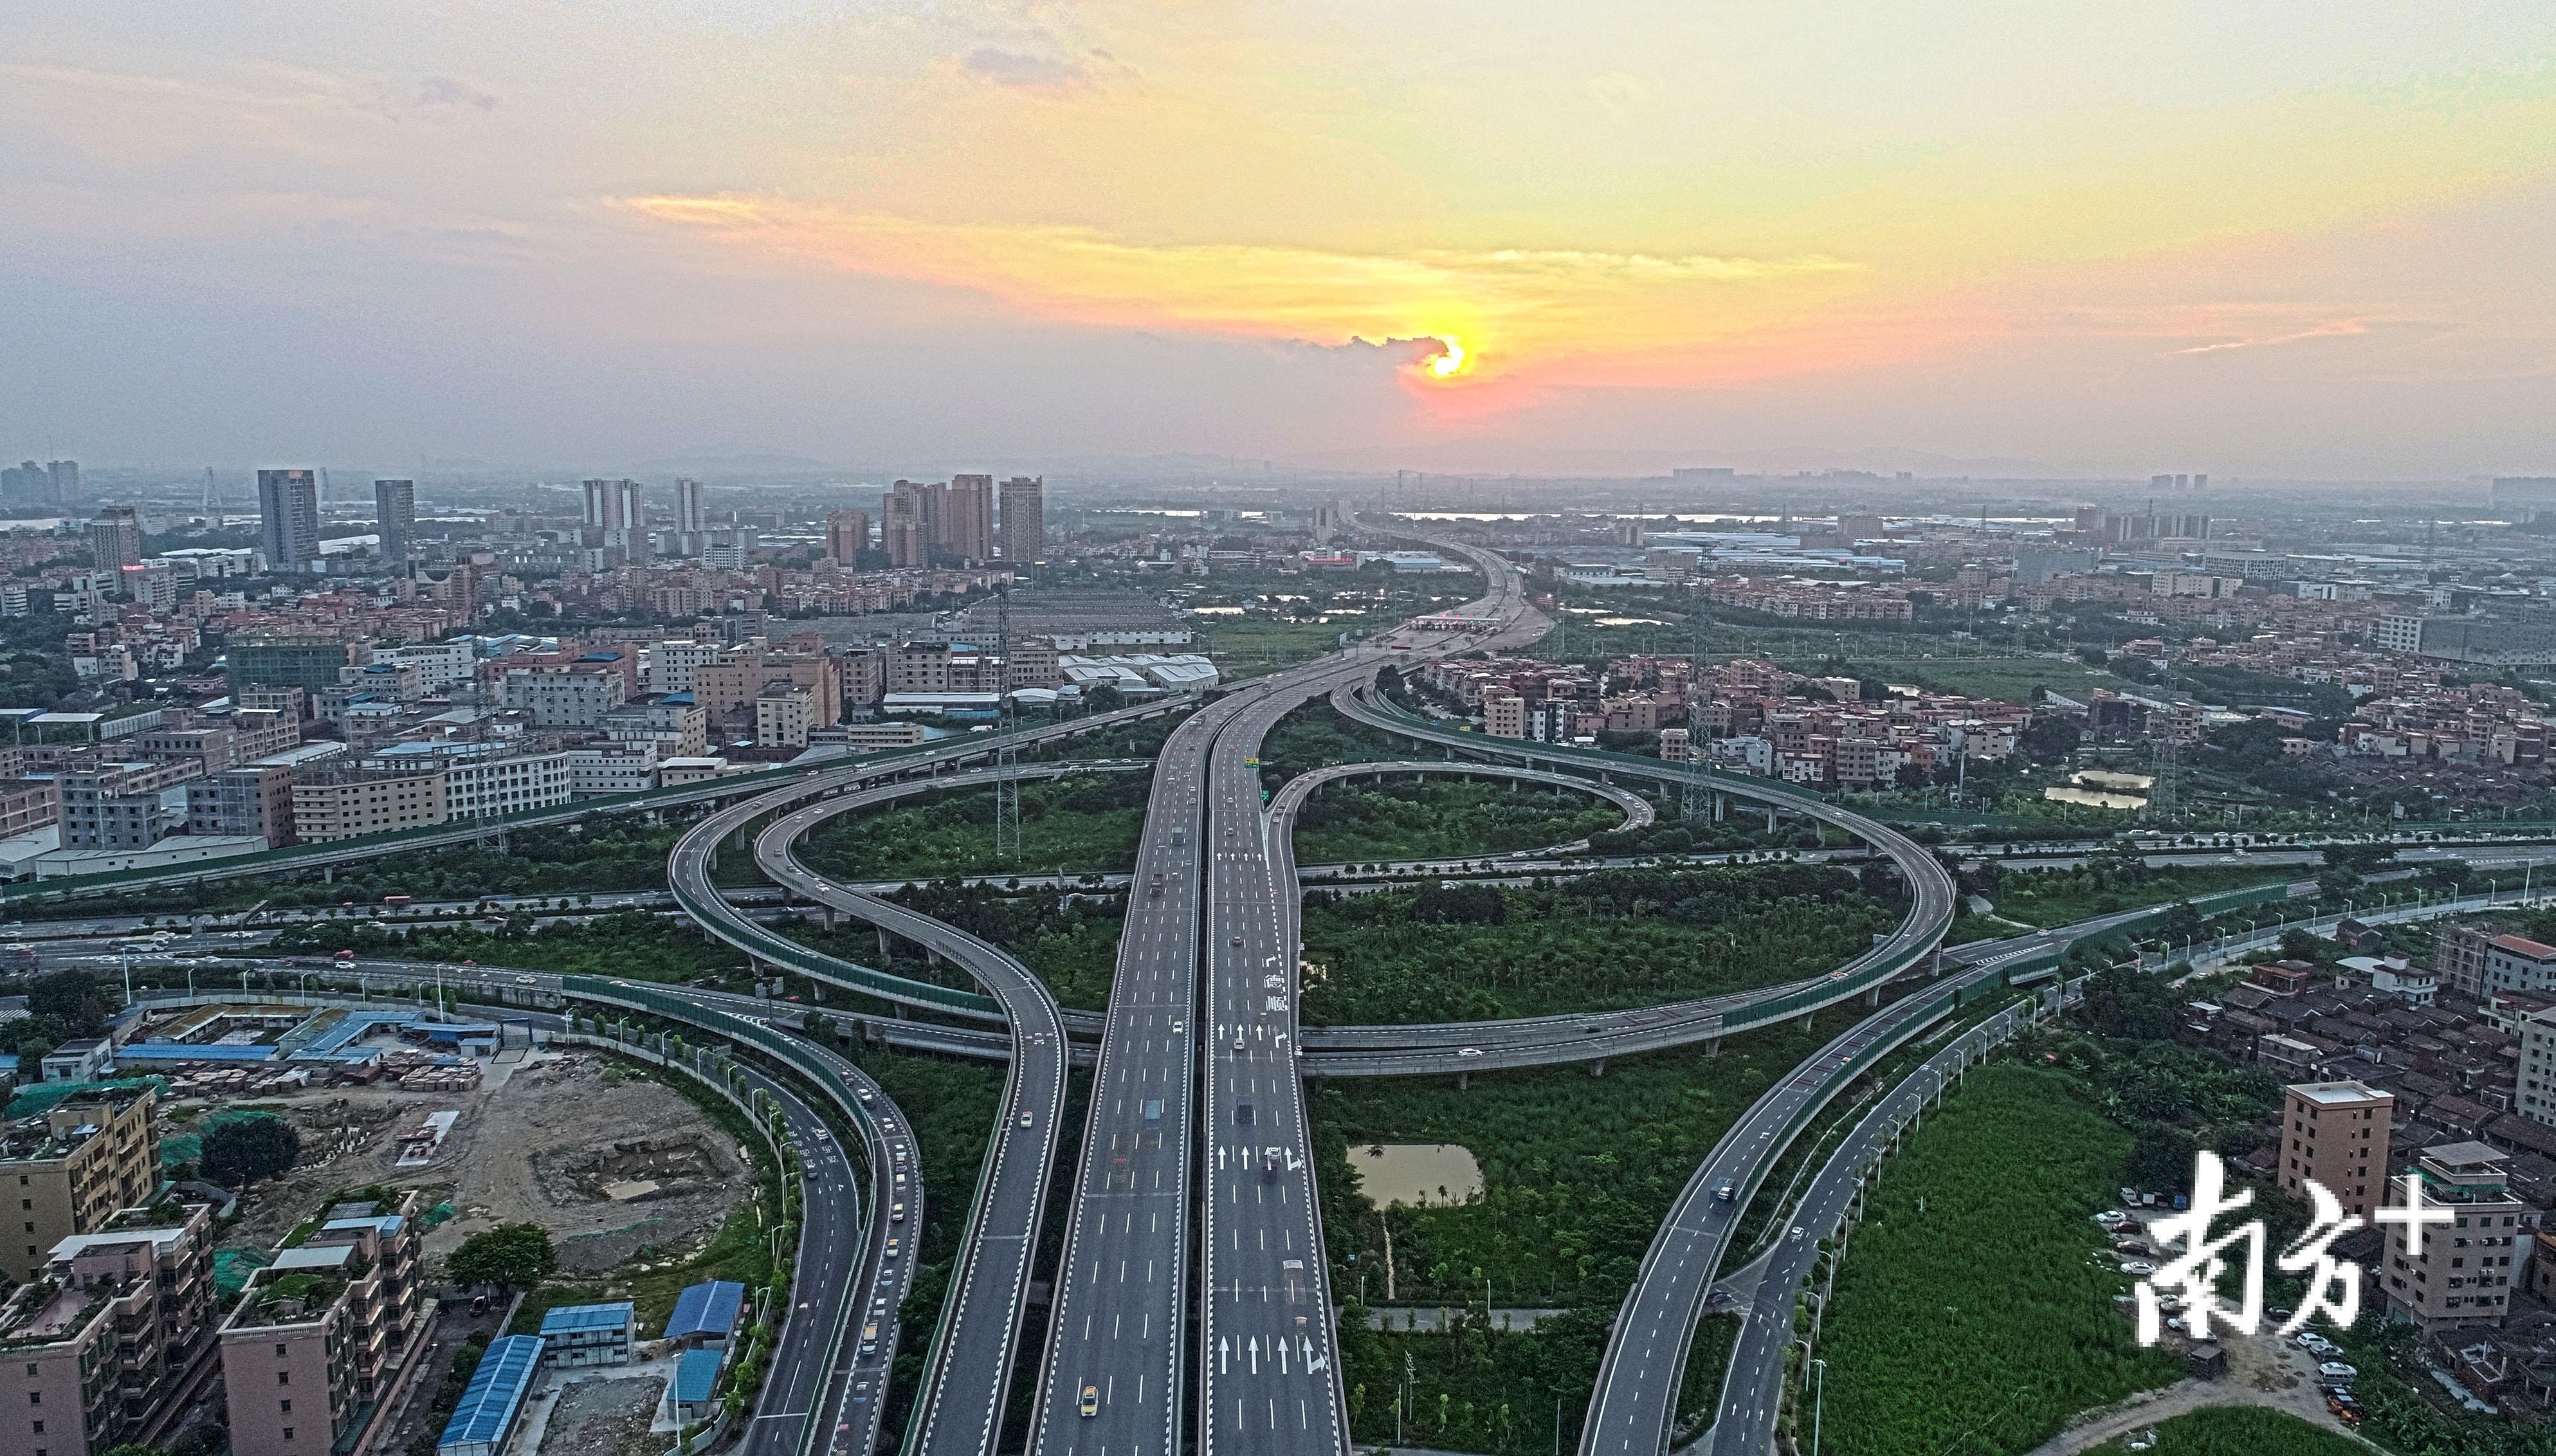 通过不断完善高速公路网络,禅城对外联系已较为紧密。资料图片